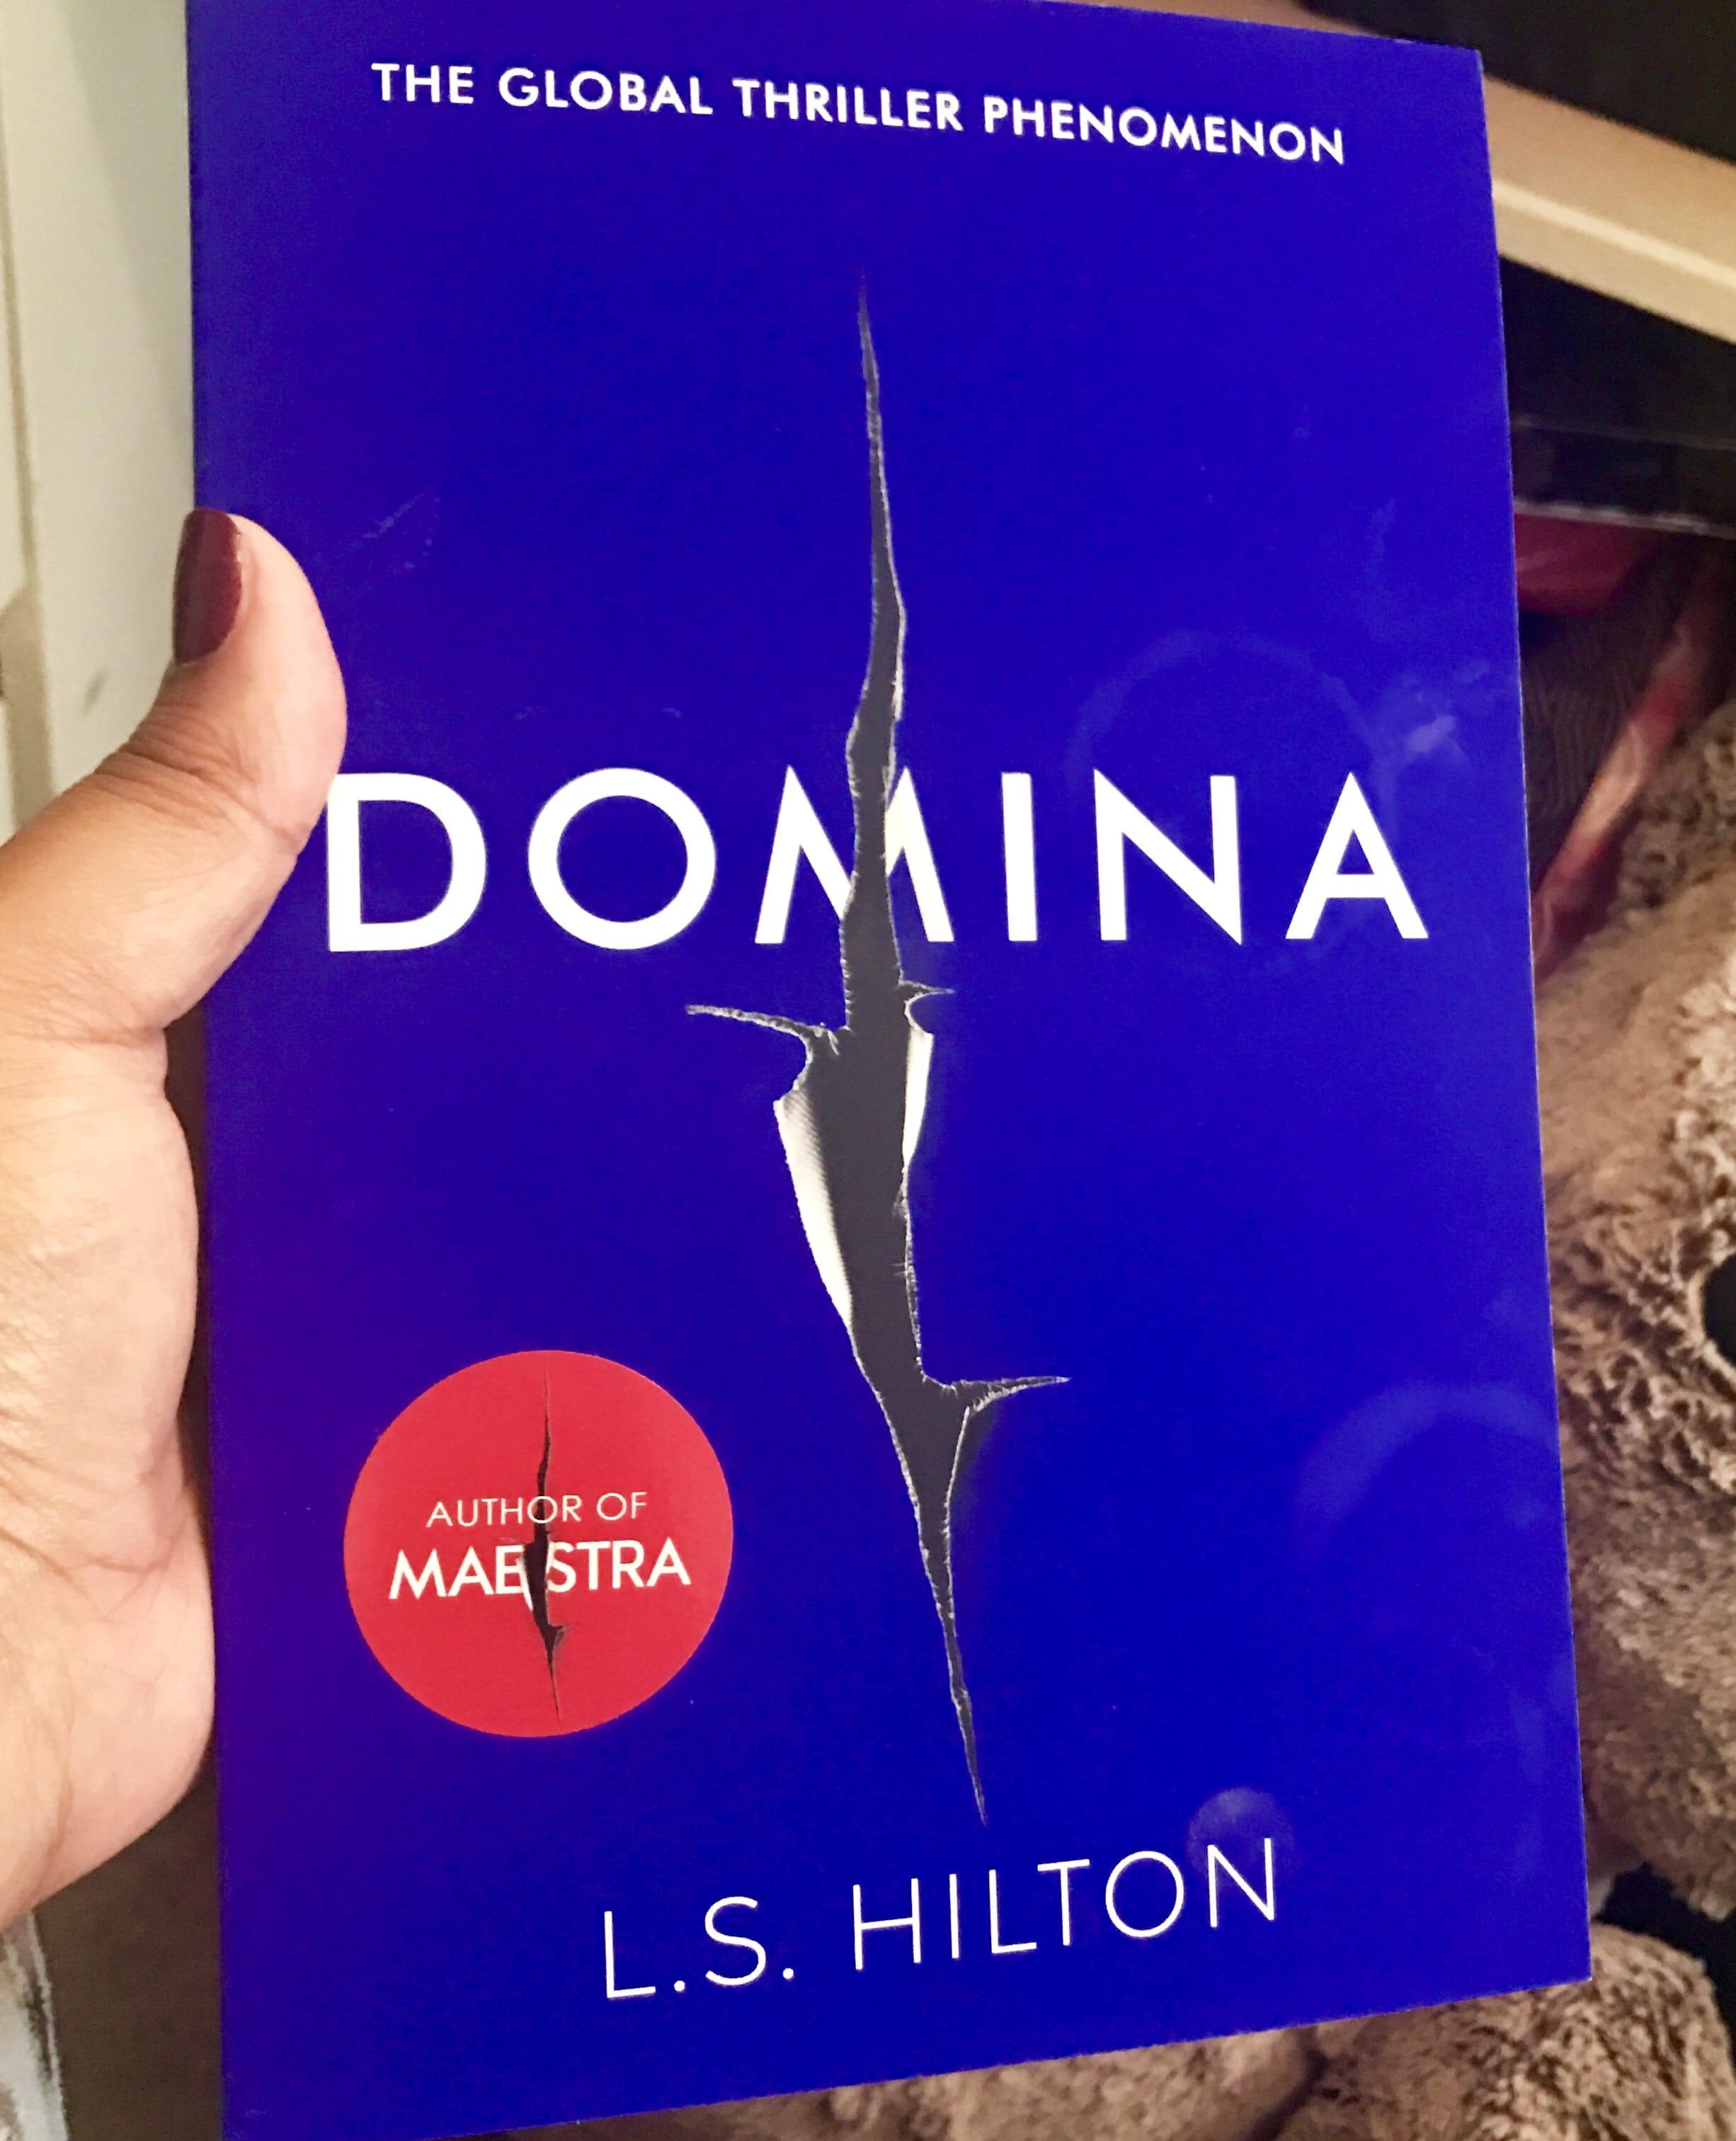 Domina book cover, L.S. Hilton